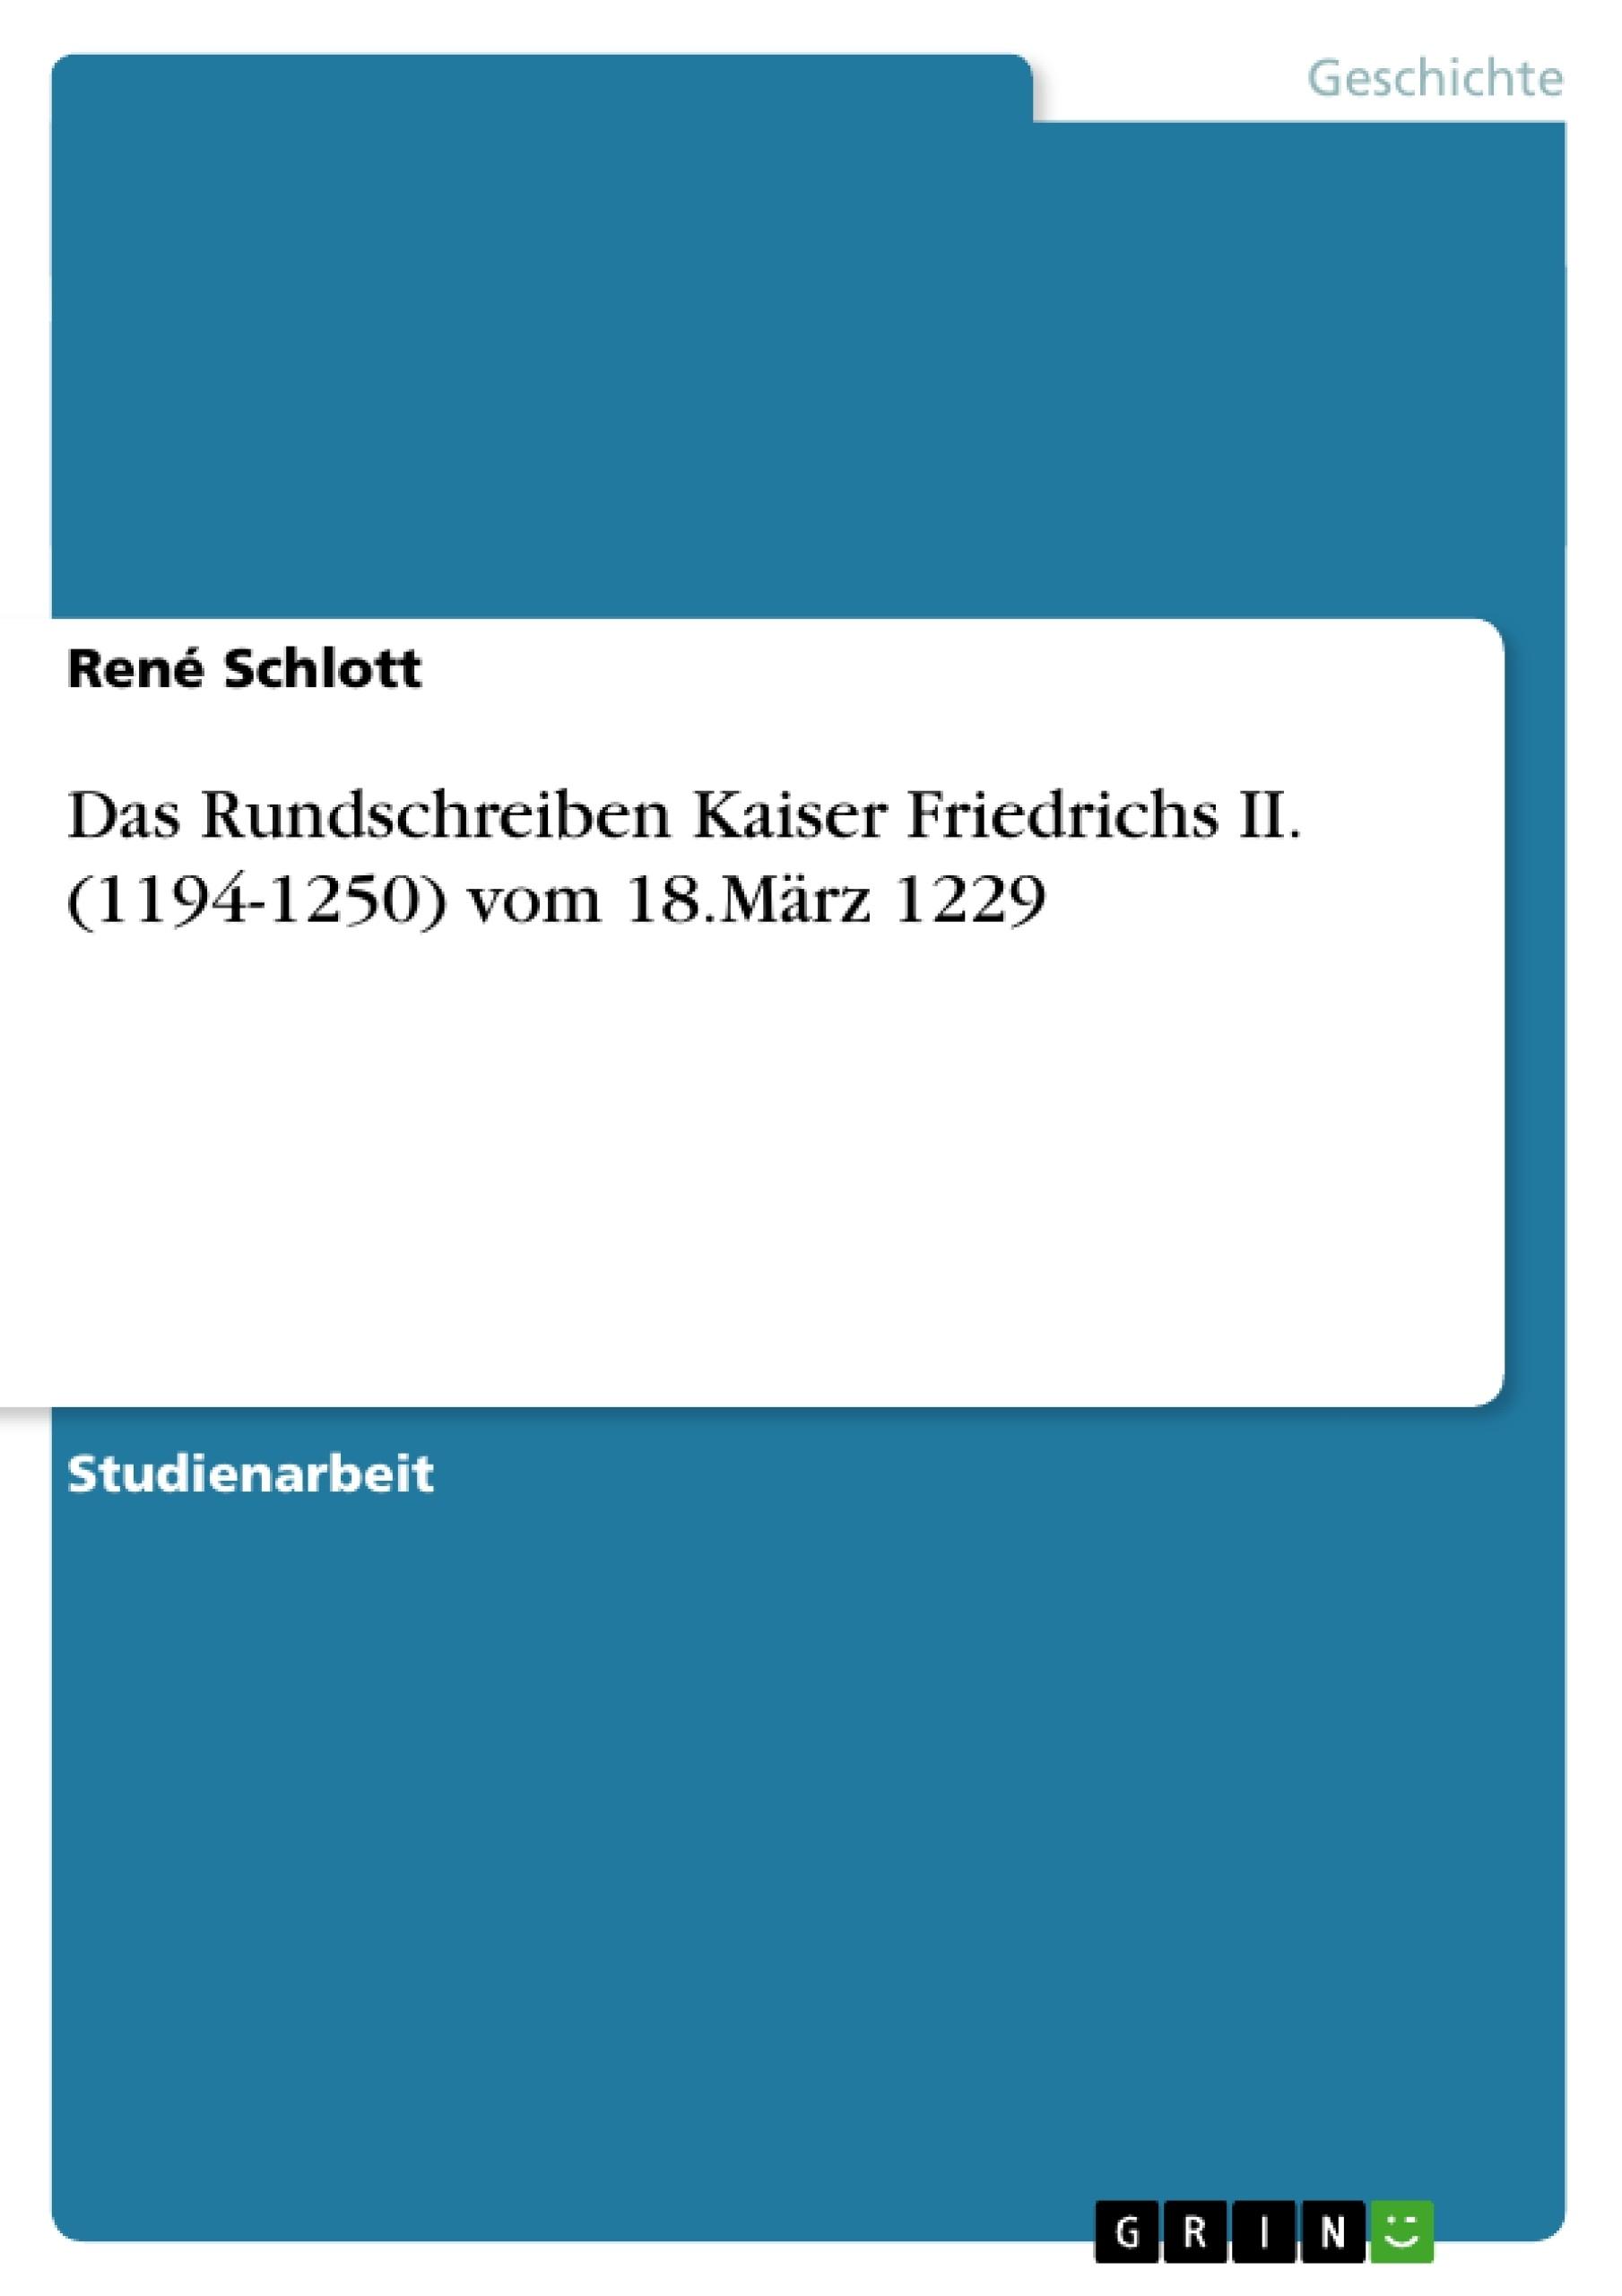 Titel: Das Rundschreiben Kaiser Friedrichs II. (1194-1250) vom 18.März 1229